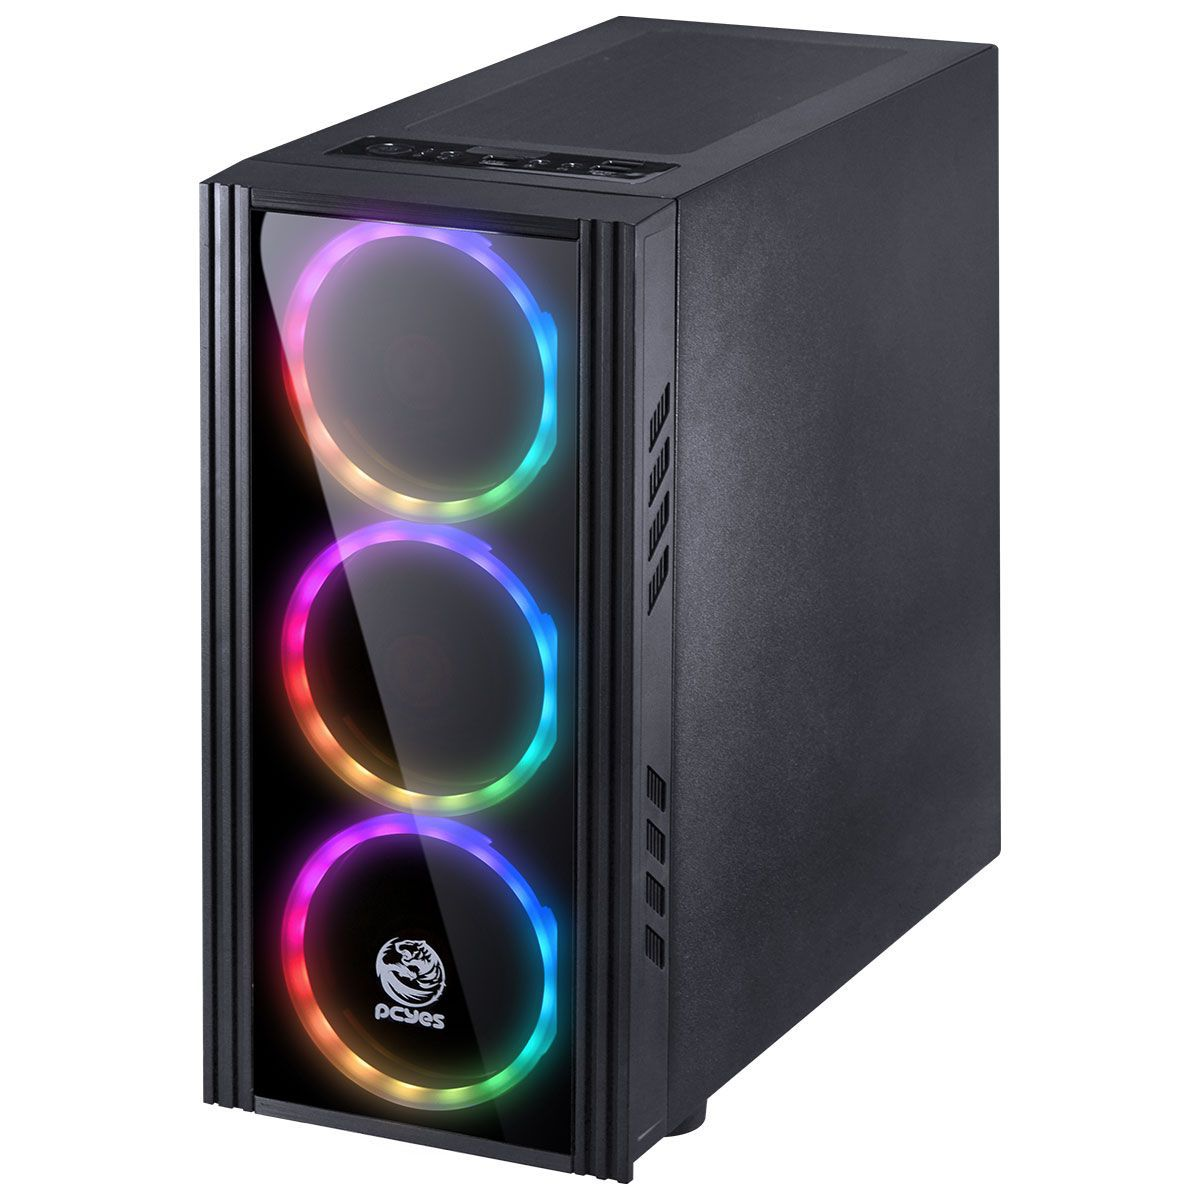 GABINETE MID-TOWER SATURN PRETO COM 3 FANS LED RGB LATERAL EM ACRÍLICO FRONTAL EM VIDRO TEMPERADO - SATPT7C3FCA